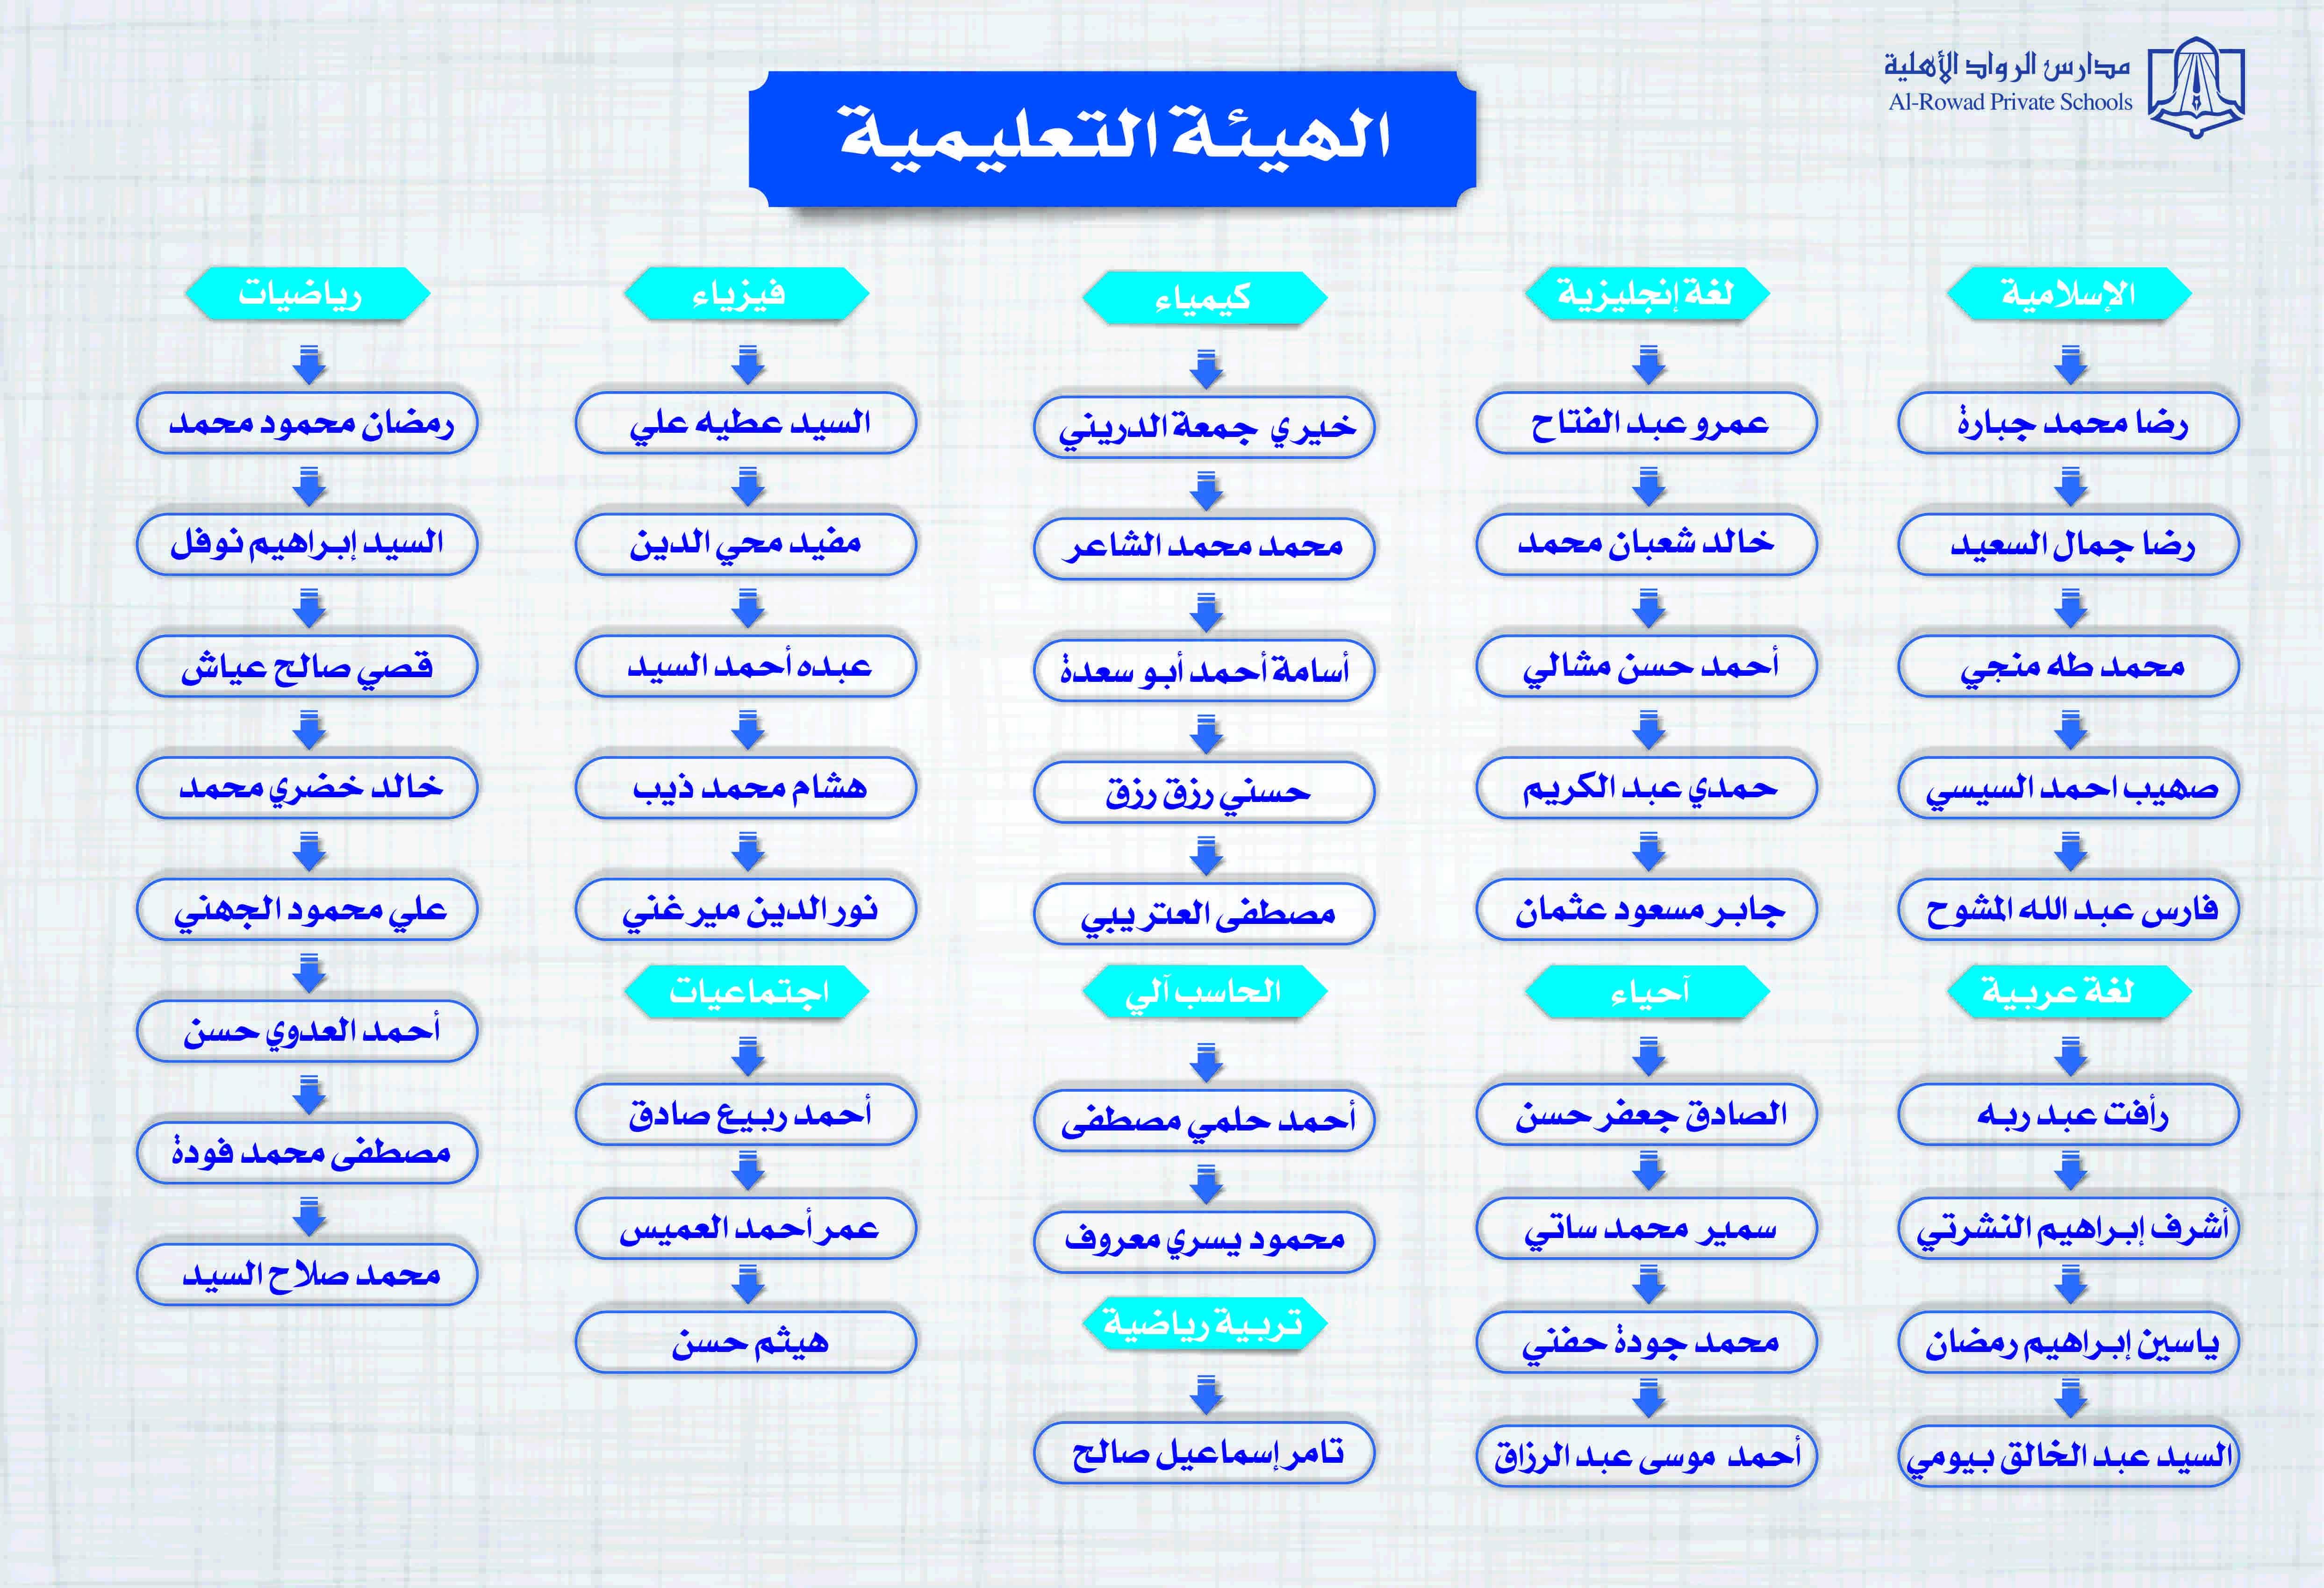 الهيئة التعليمية القسم الثانوي